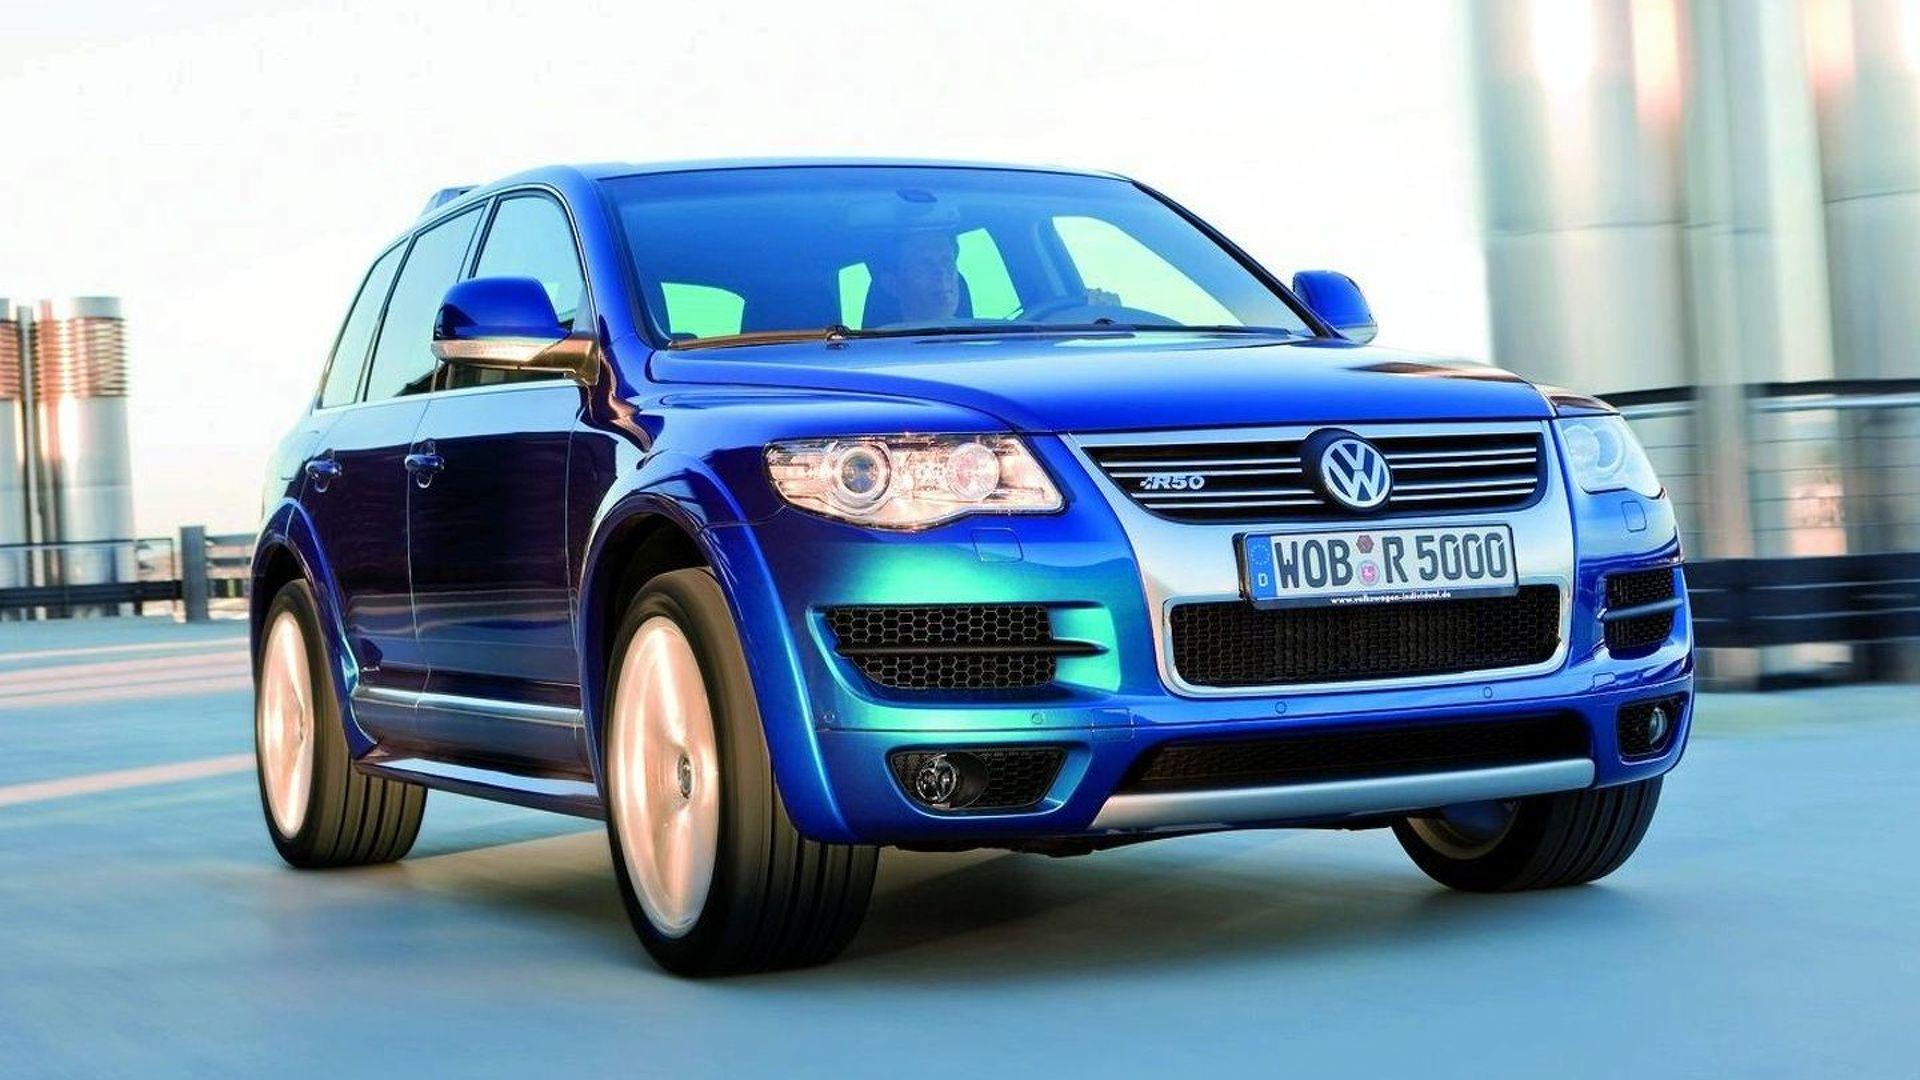 Volkswagen Tuareg R50 il mostro da 350 CV!